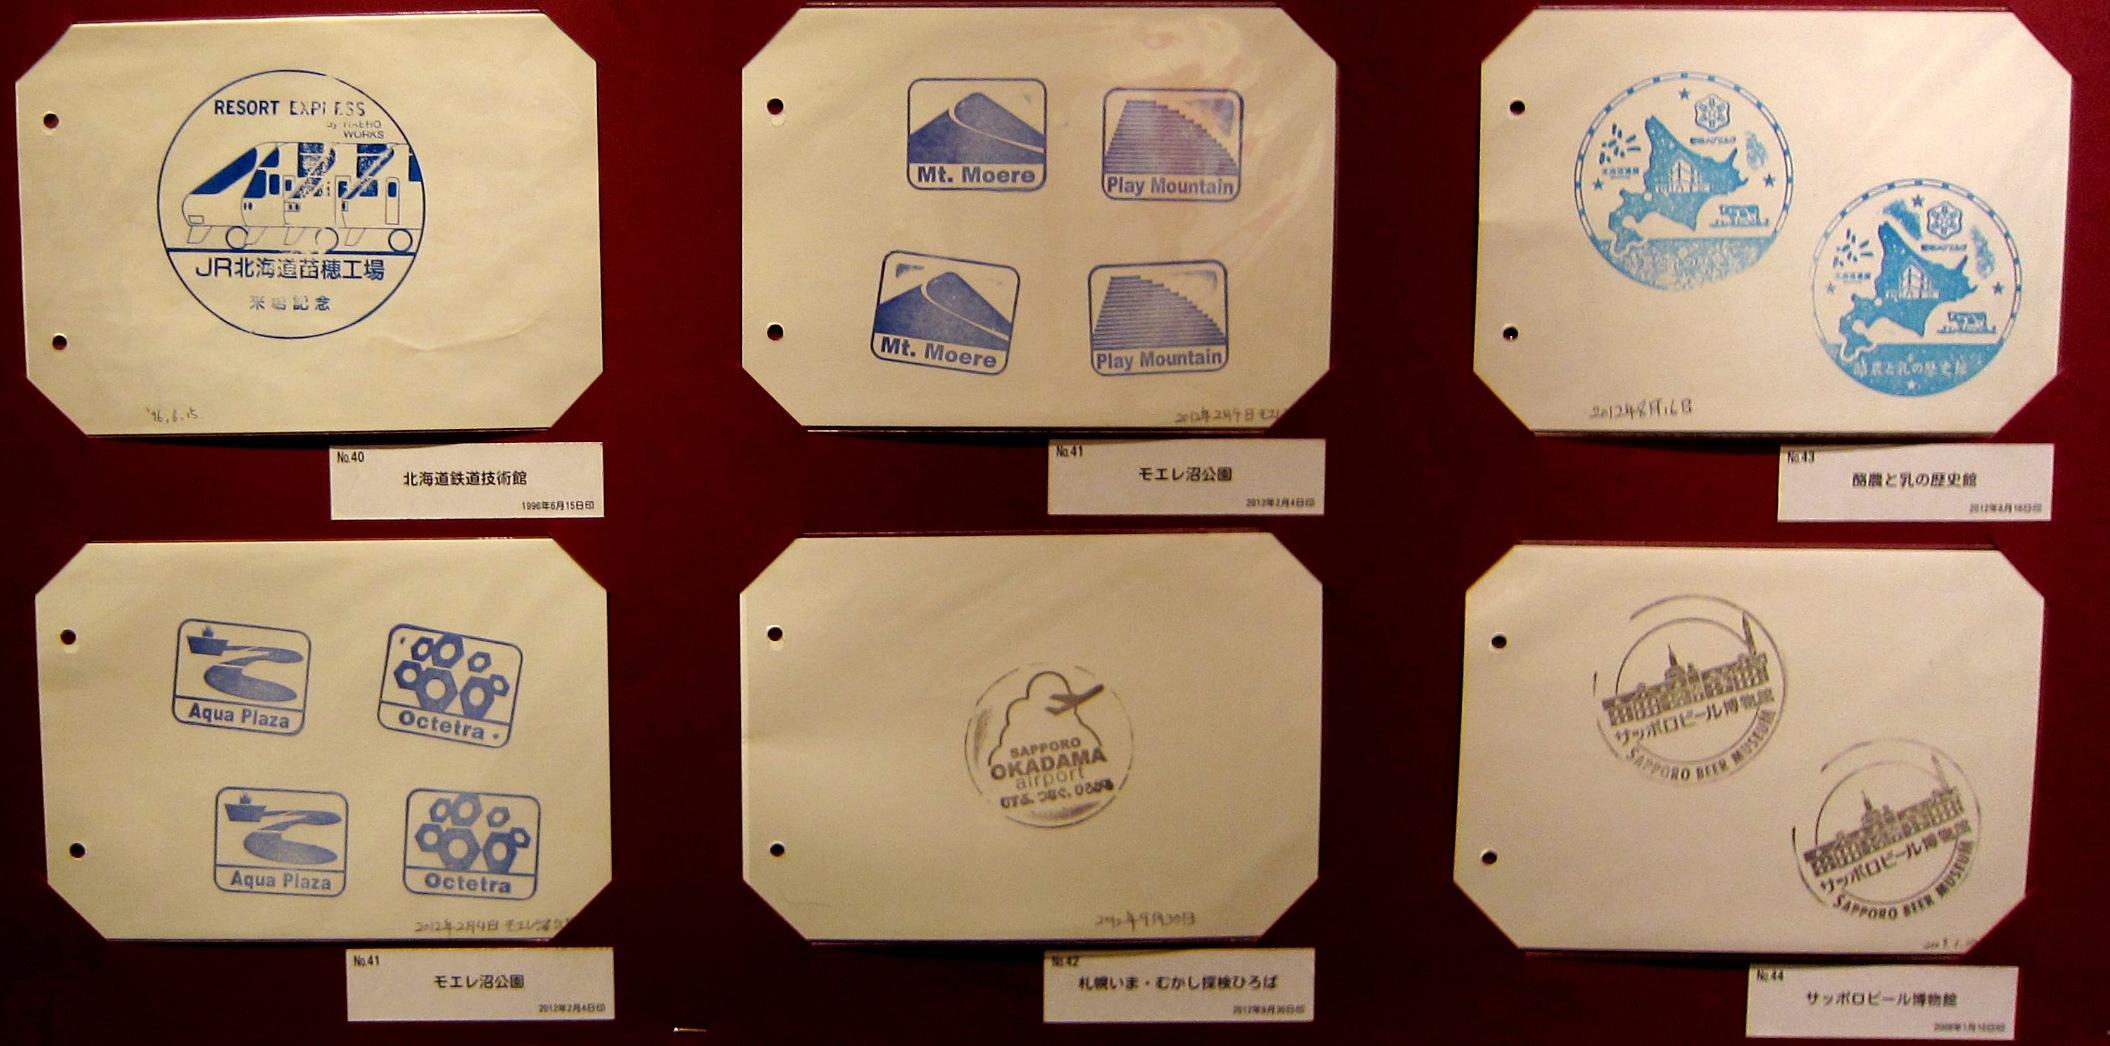 2037)「ミュージアム スタンプ展 ~ドクターコン コレクション~」 新さっぽろg. 5月1日(水)~5月13日(月)_f0126829_22241814.jpg